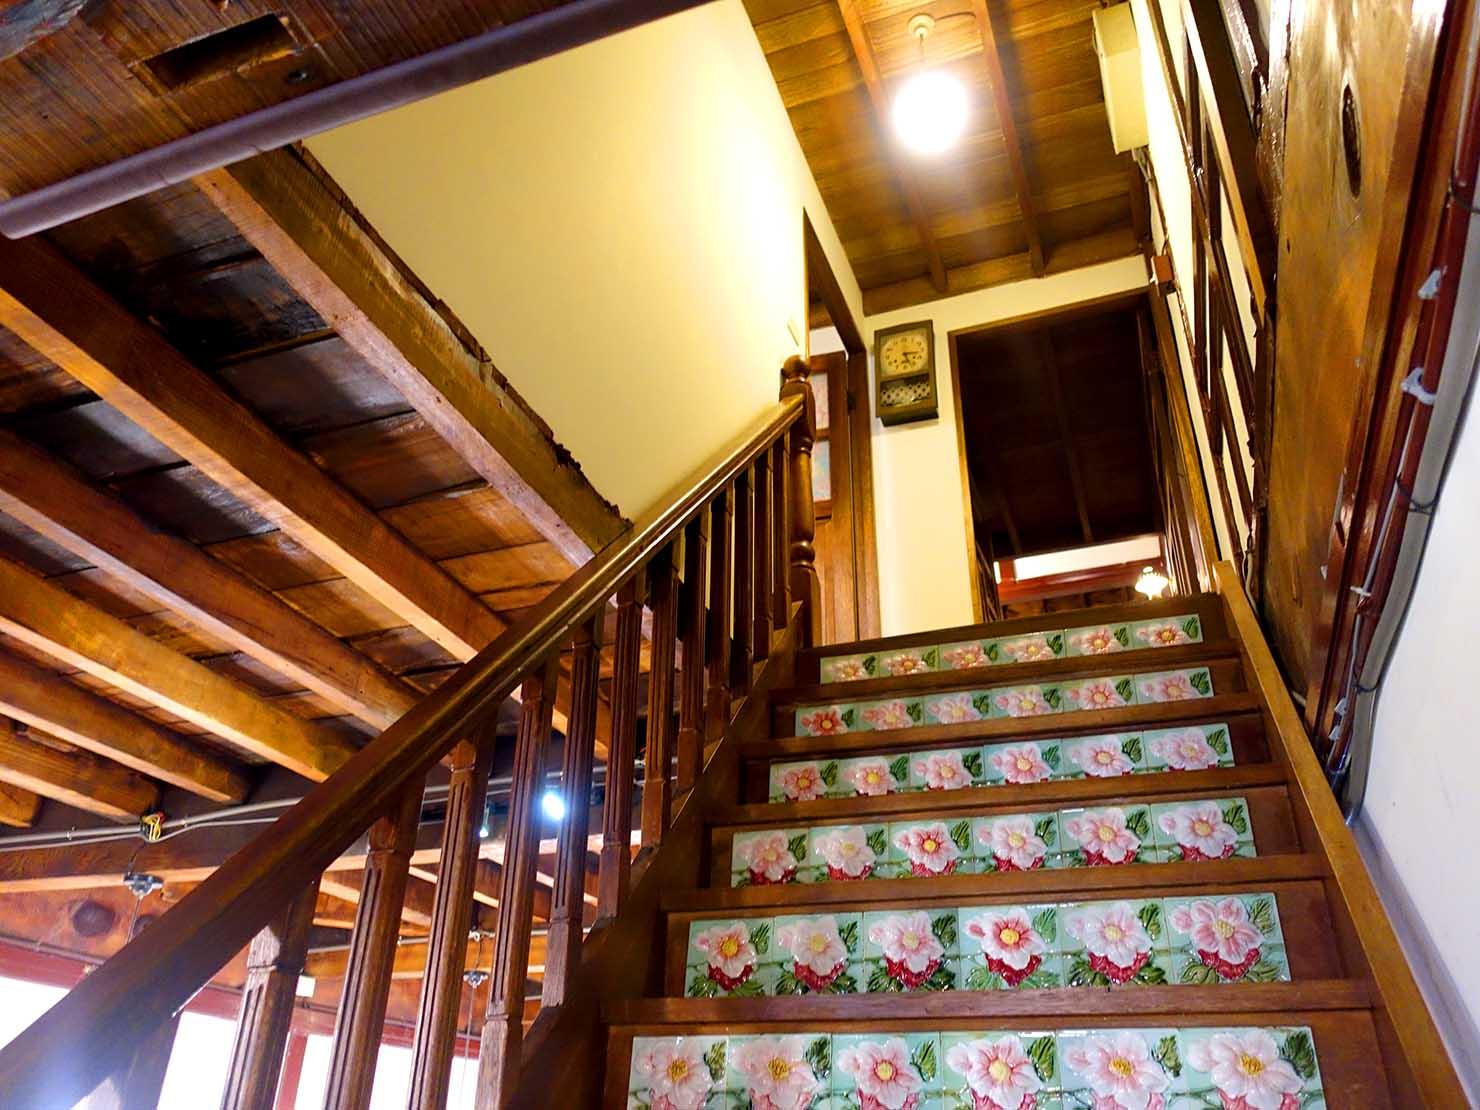 嘉義のおすすめ観光スポット「台灣花磚博物館」2Fへの階段